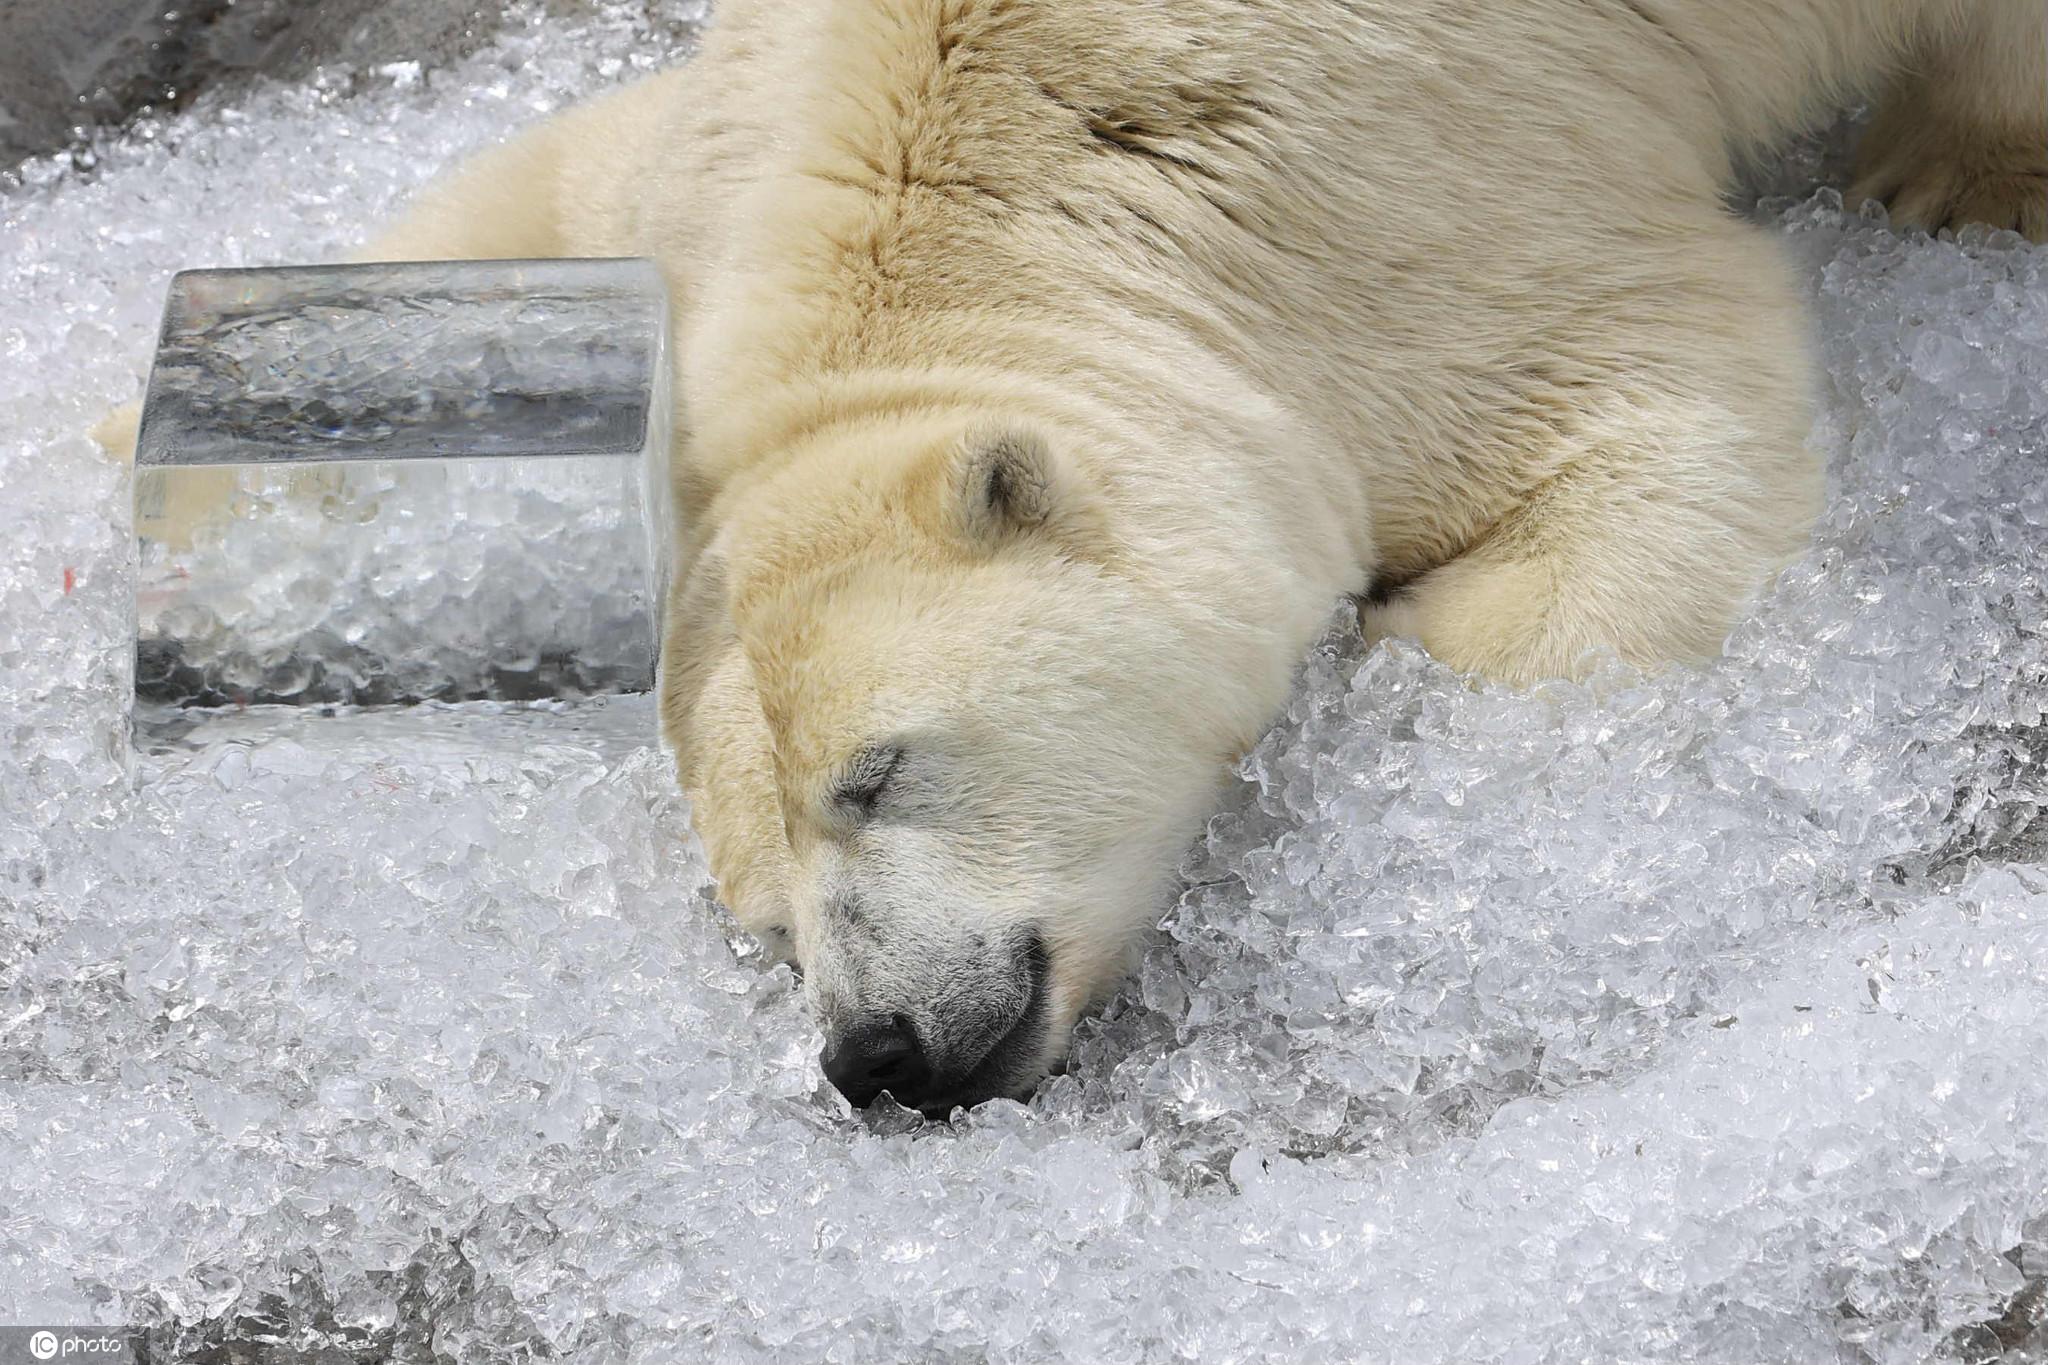 太萌了!日本夏日热浪滚滚北极熊撅屁股躺冰上降温